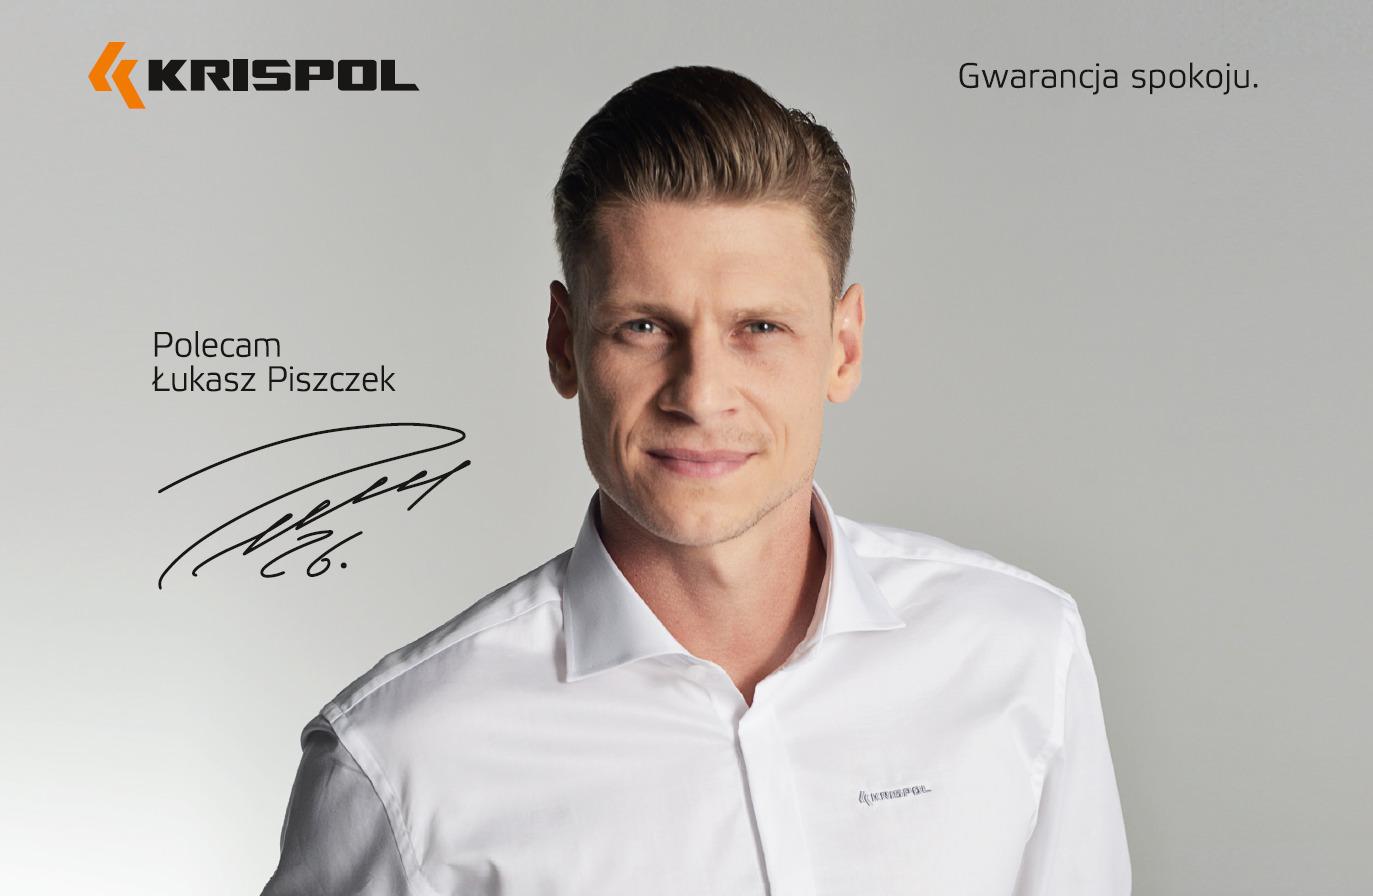 Lukasz-piszczek-news-042017